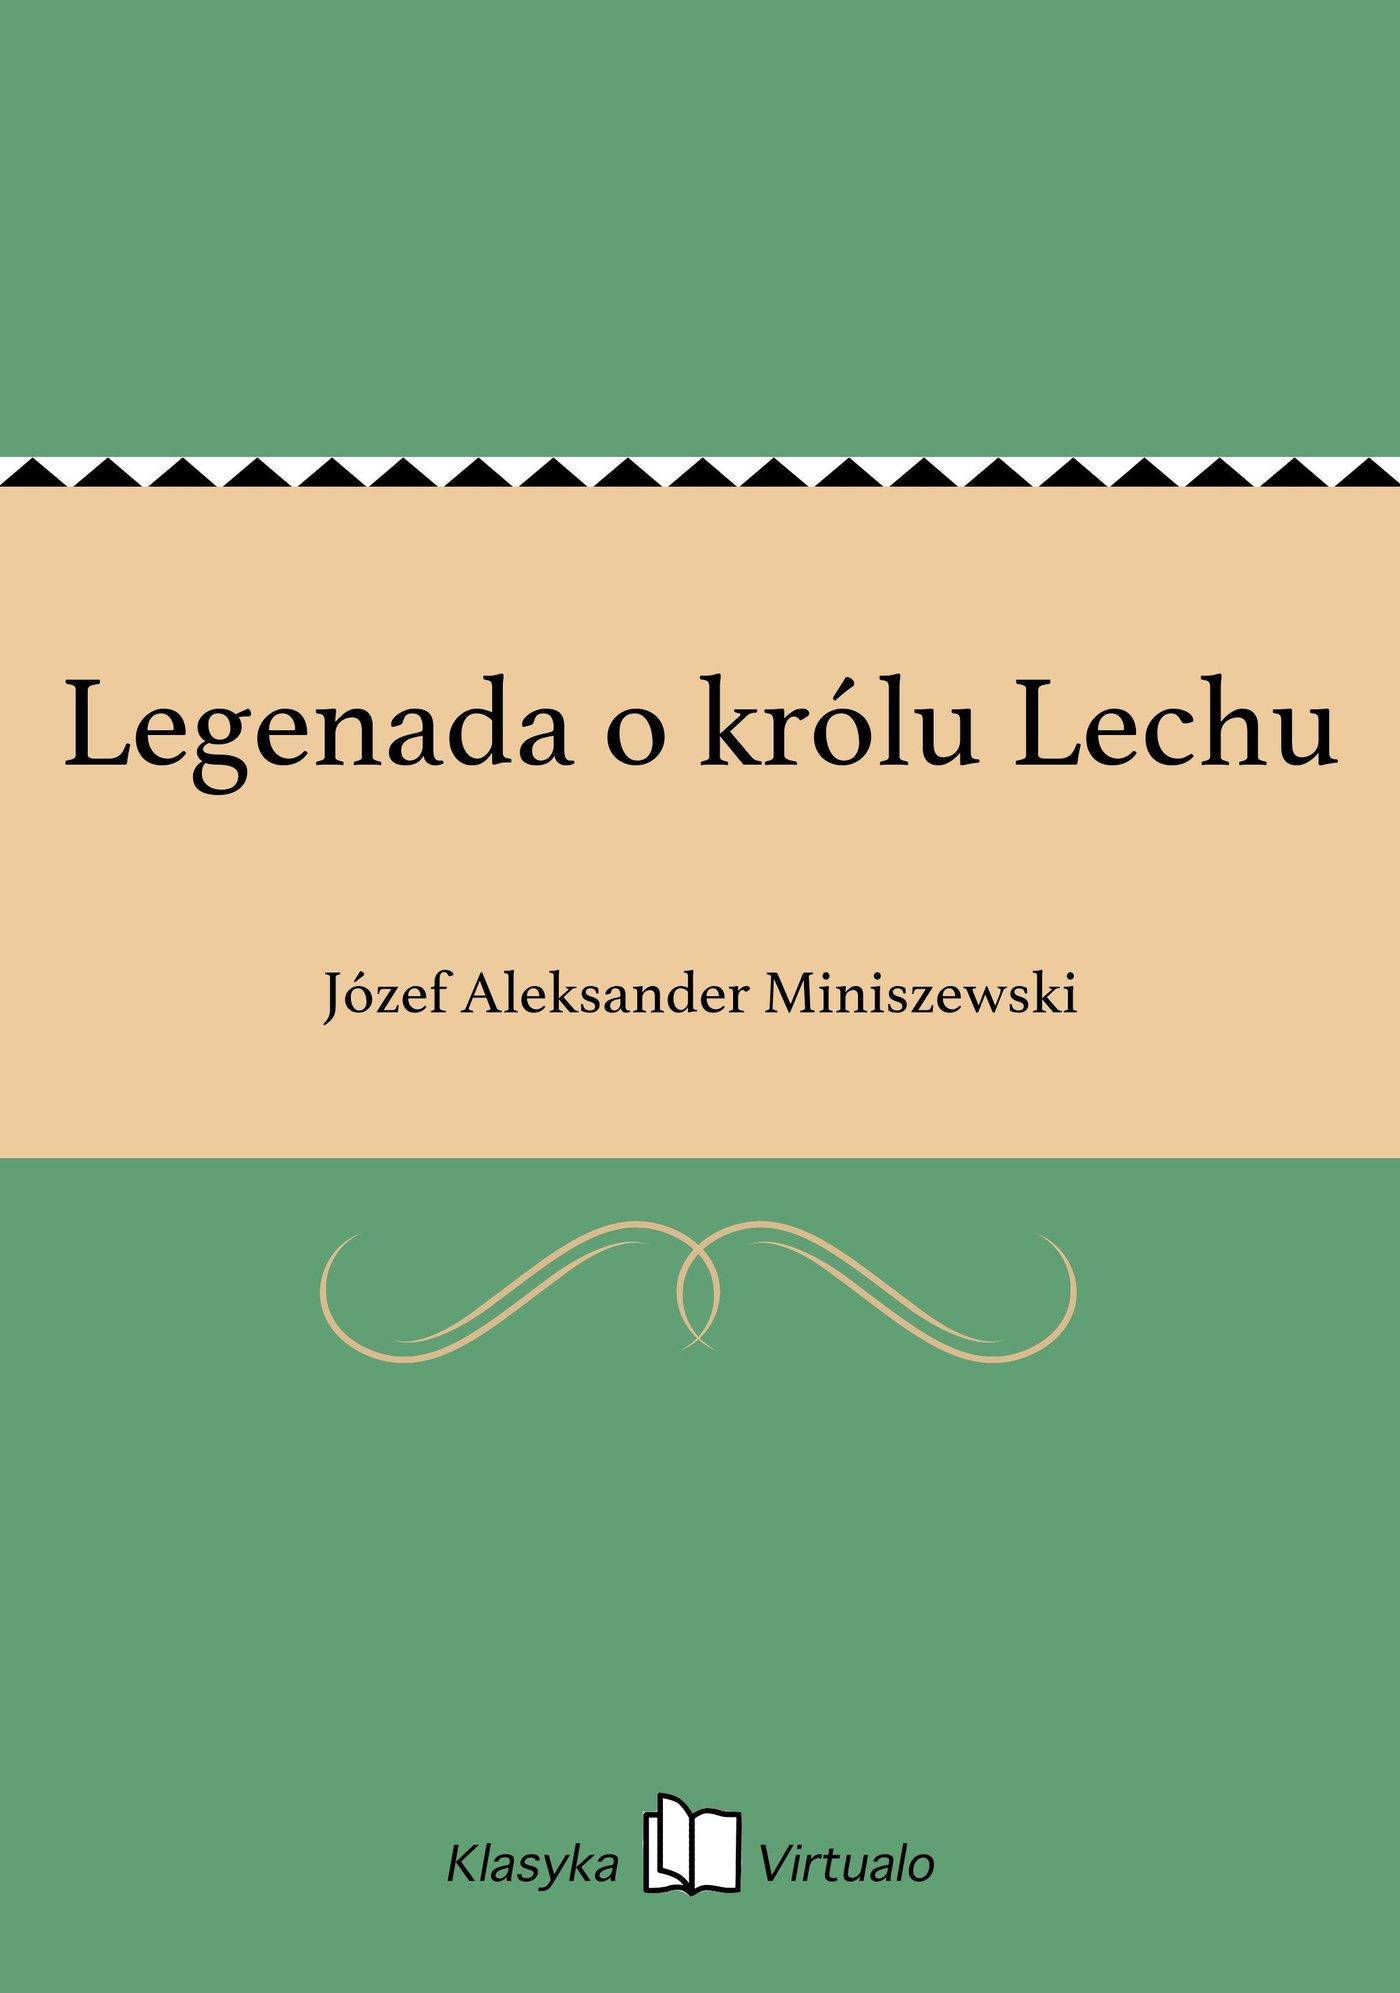 Legenada o królu Lechu - Ebook (Książka EPUB) do pobrania w formacie EPUB